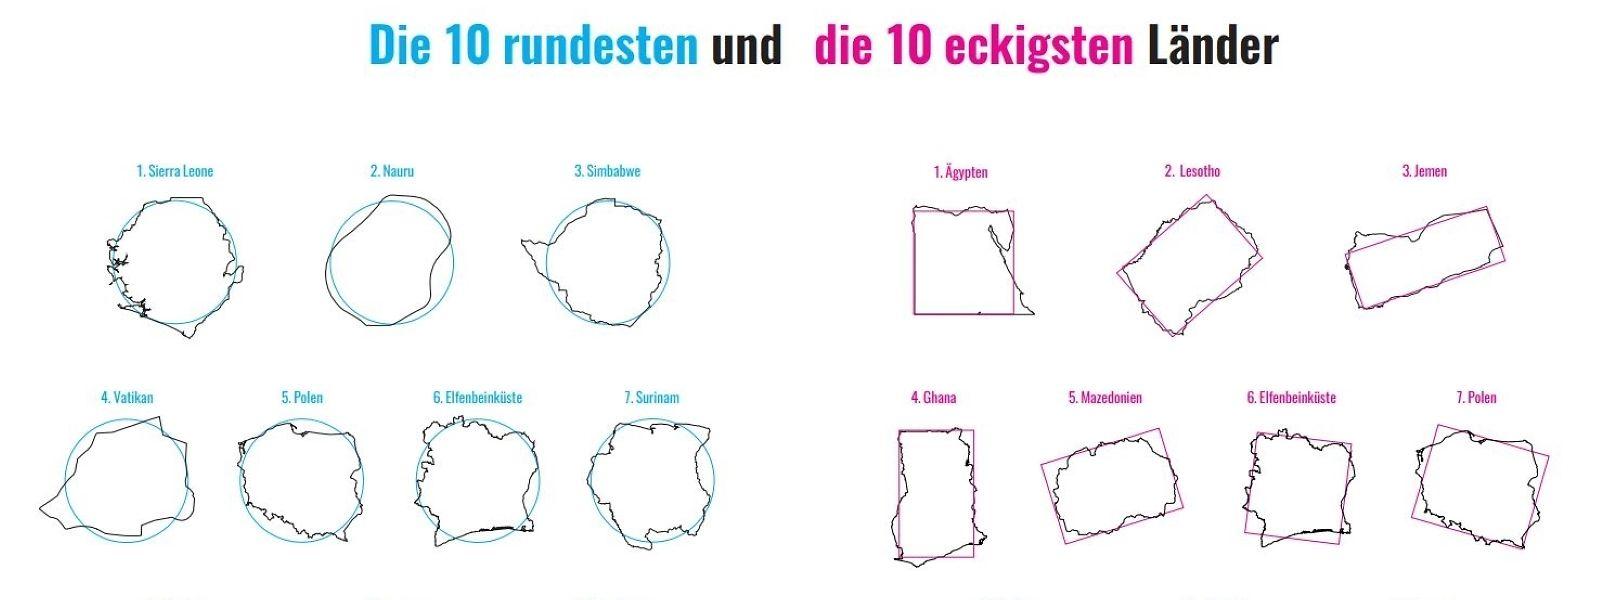 Eine runde (beziehungsweise eckige) Sache: Diese Länder bereiten Geometrikern Glücksgefühle.